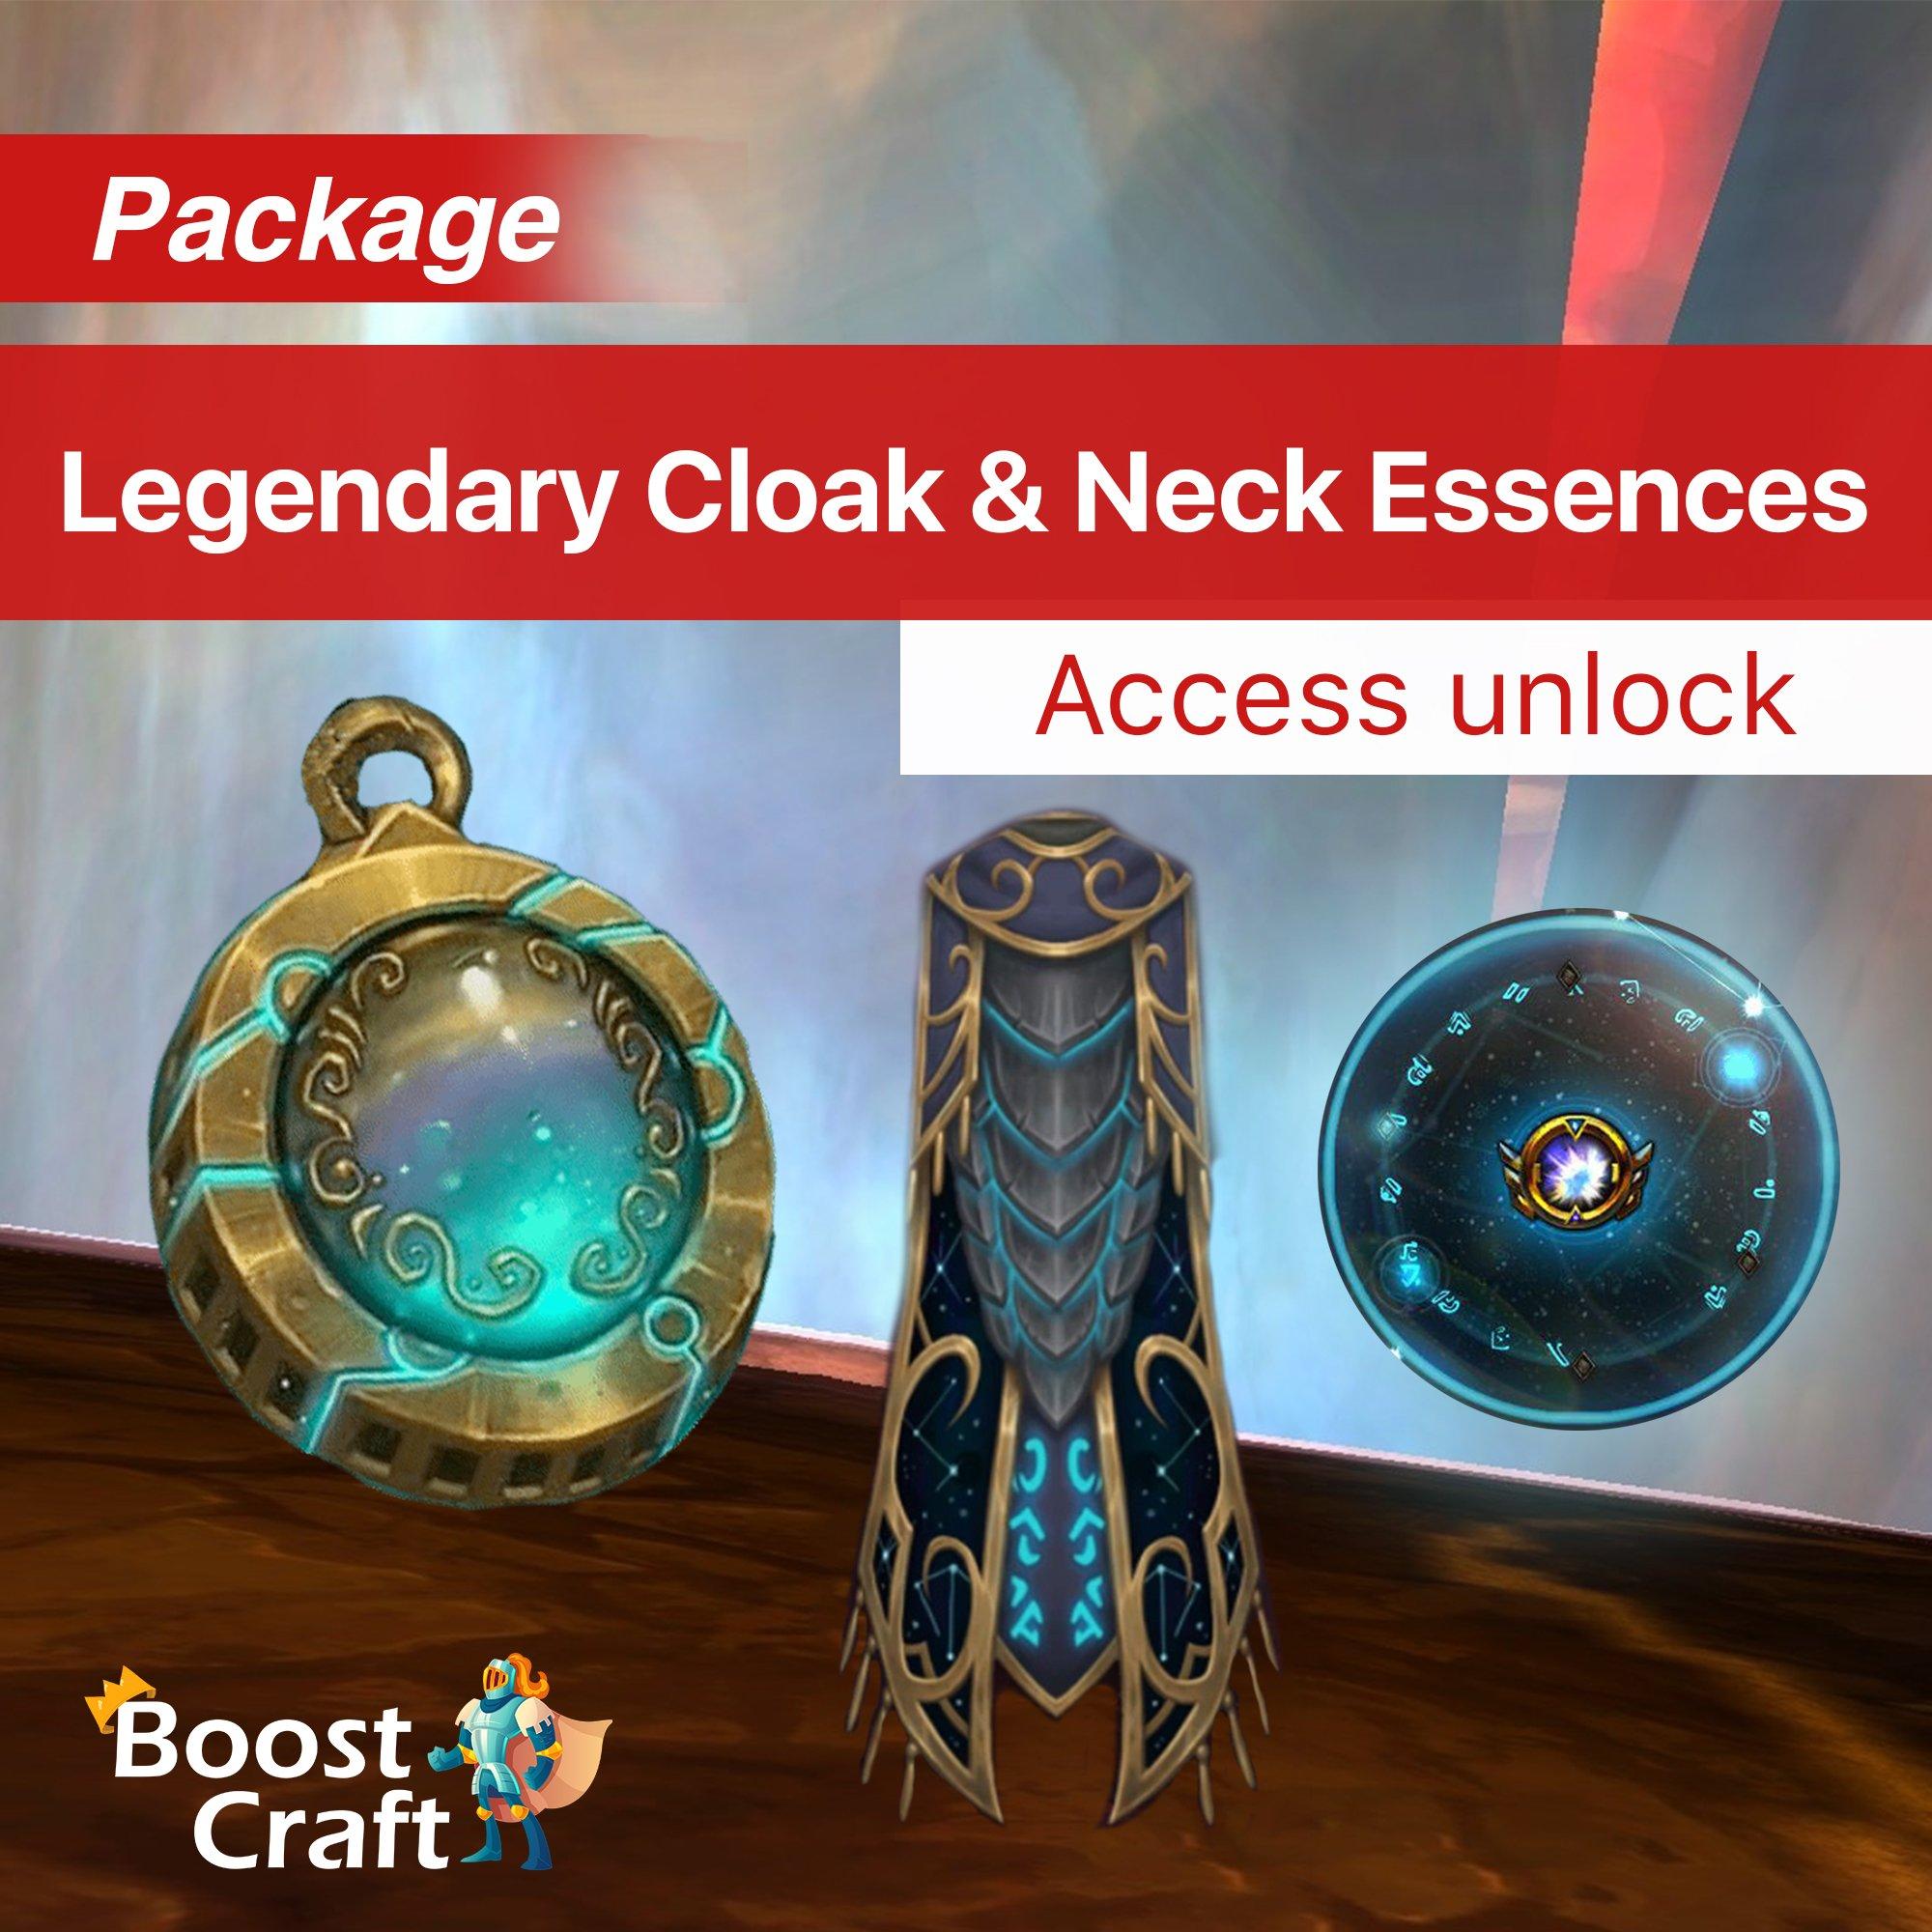 Legendary Cloak & Neck Essences Unlock – Package for Alt's